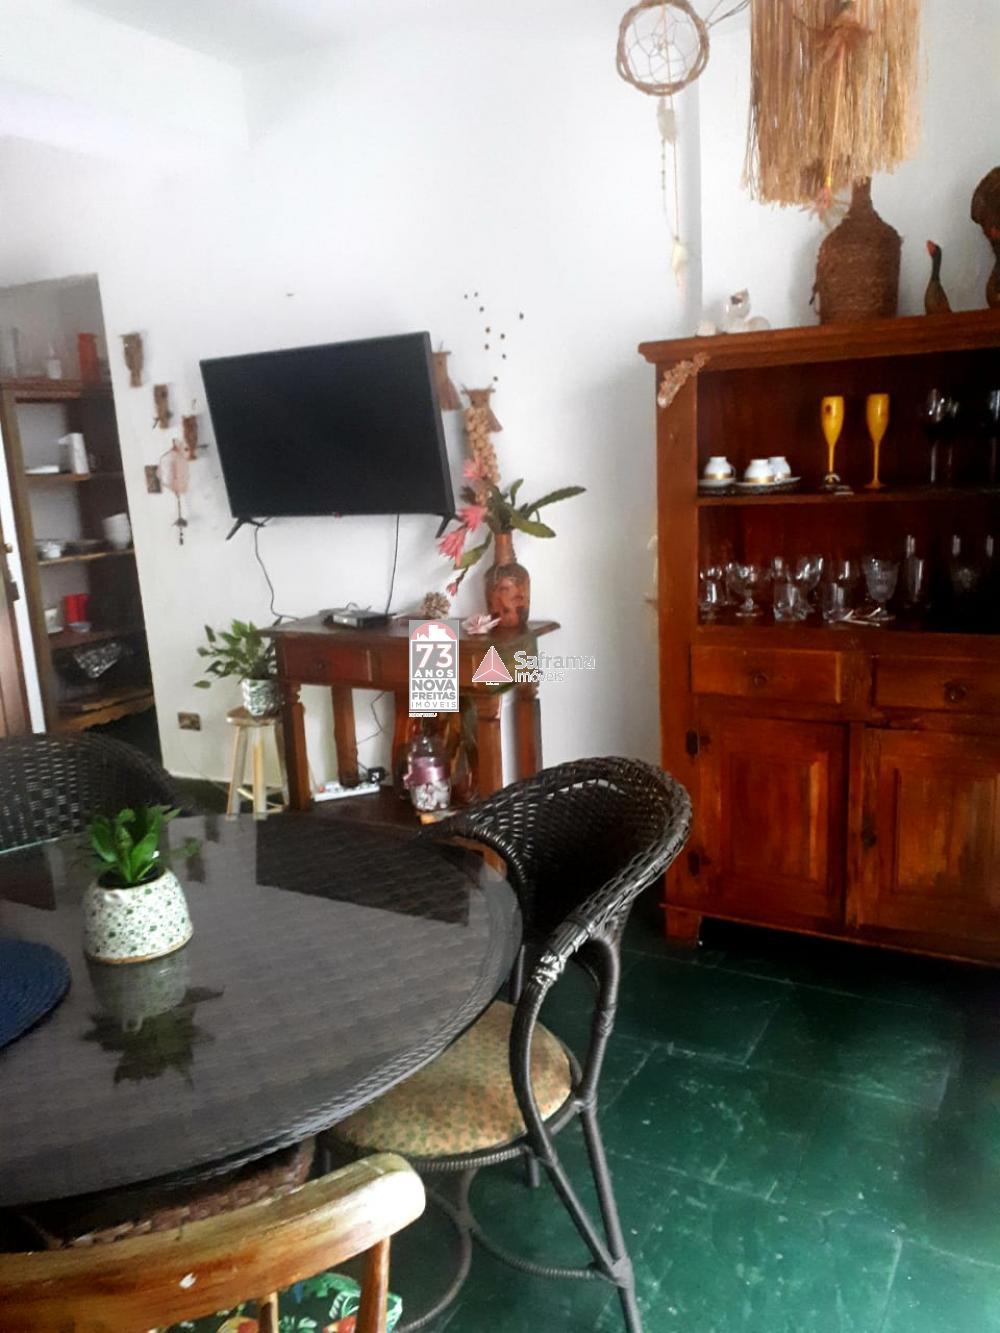 Alugar Casa / Sobrado em Condomínio em Ubatuba R$ 2.800,00 - Foto 4